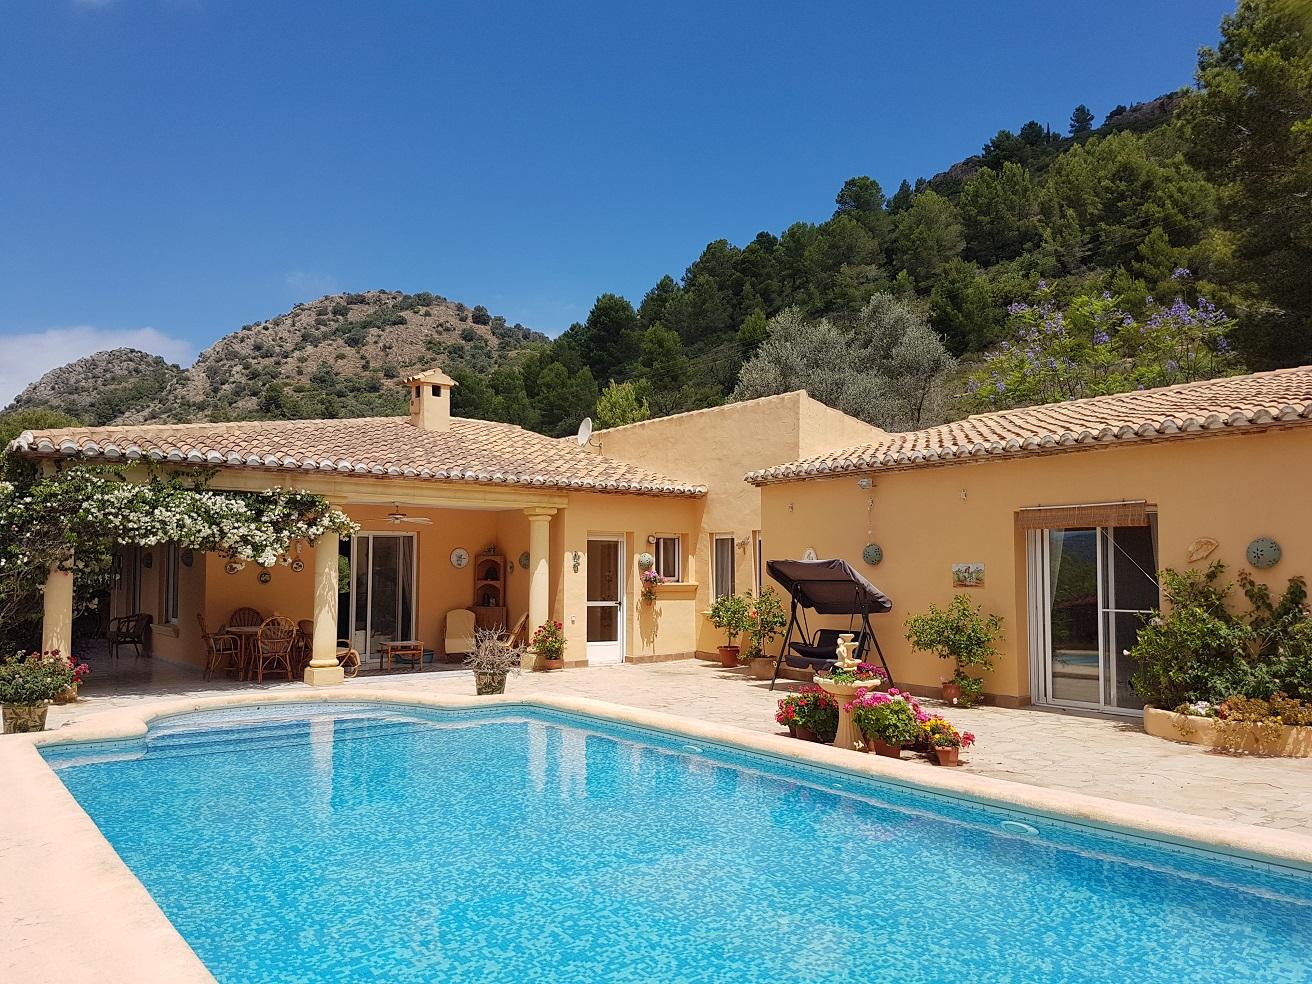 5 bedroom Villa for sale in Pedreguer